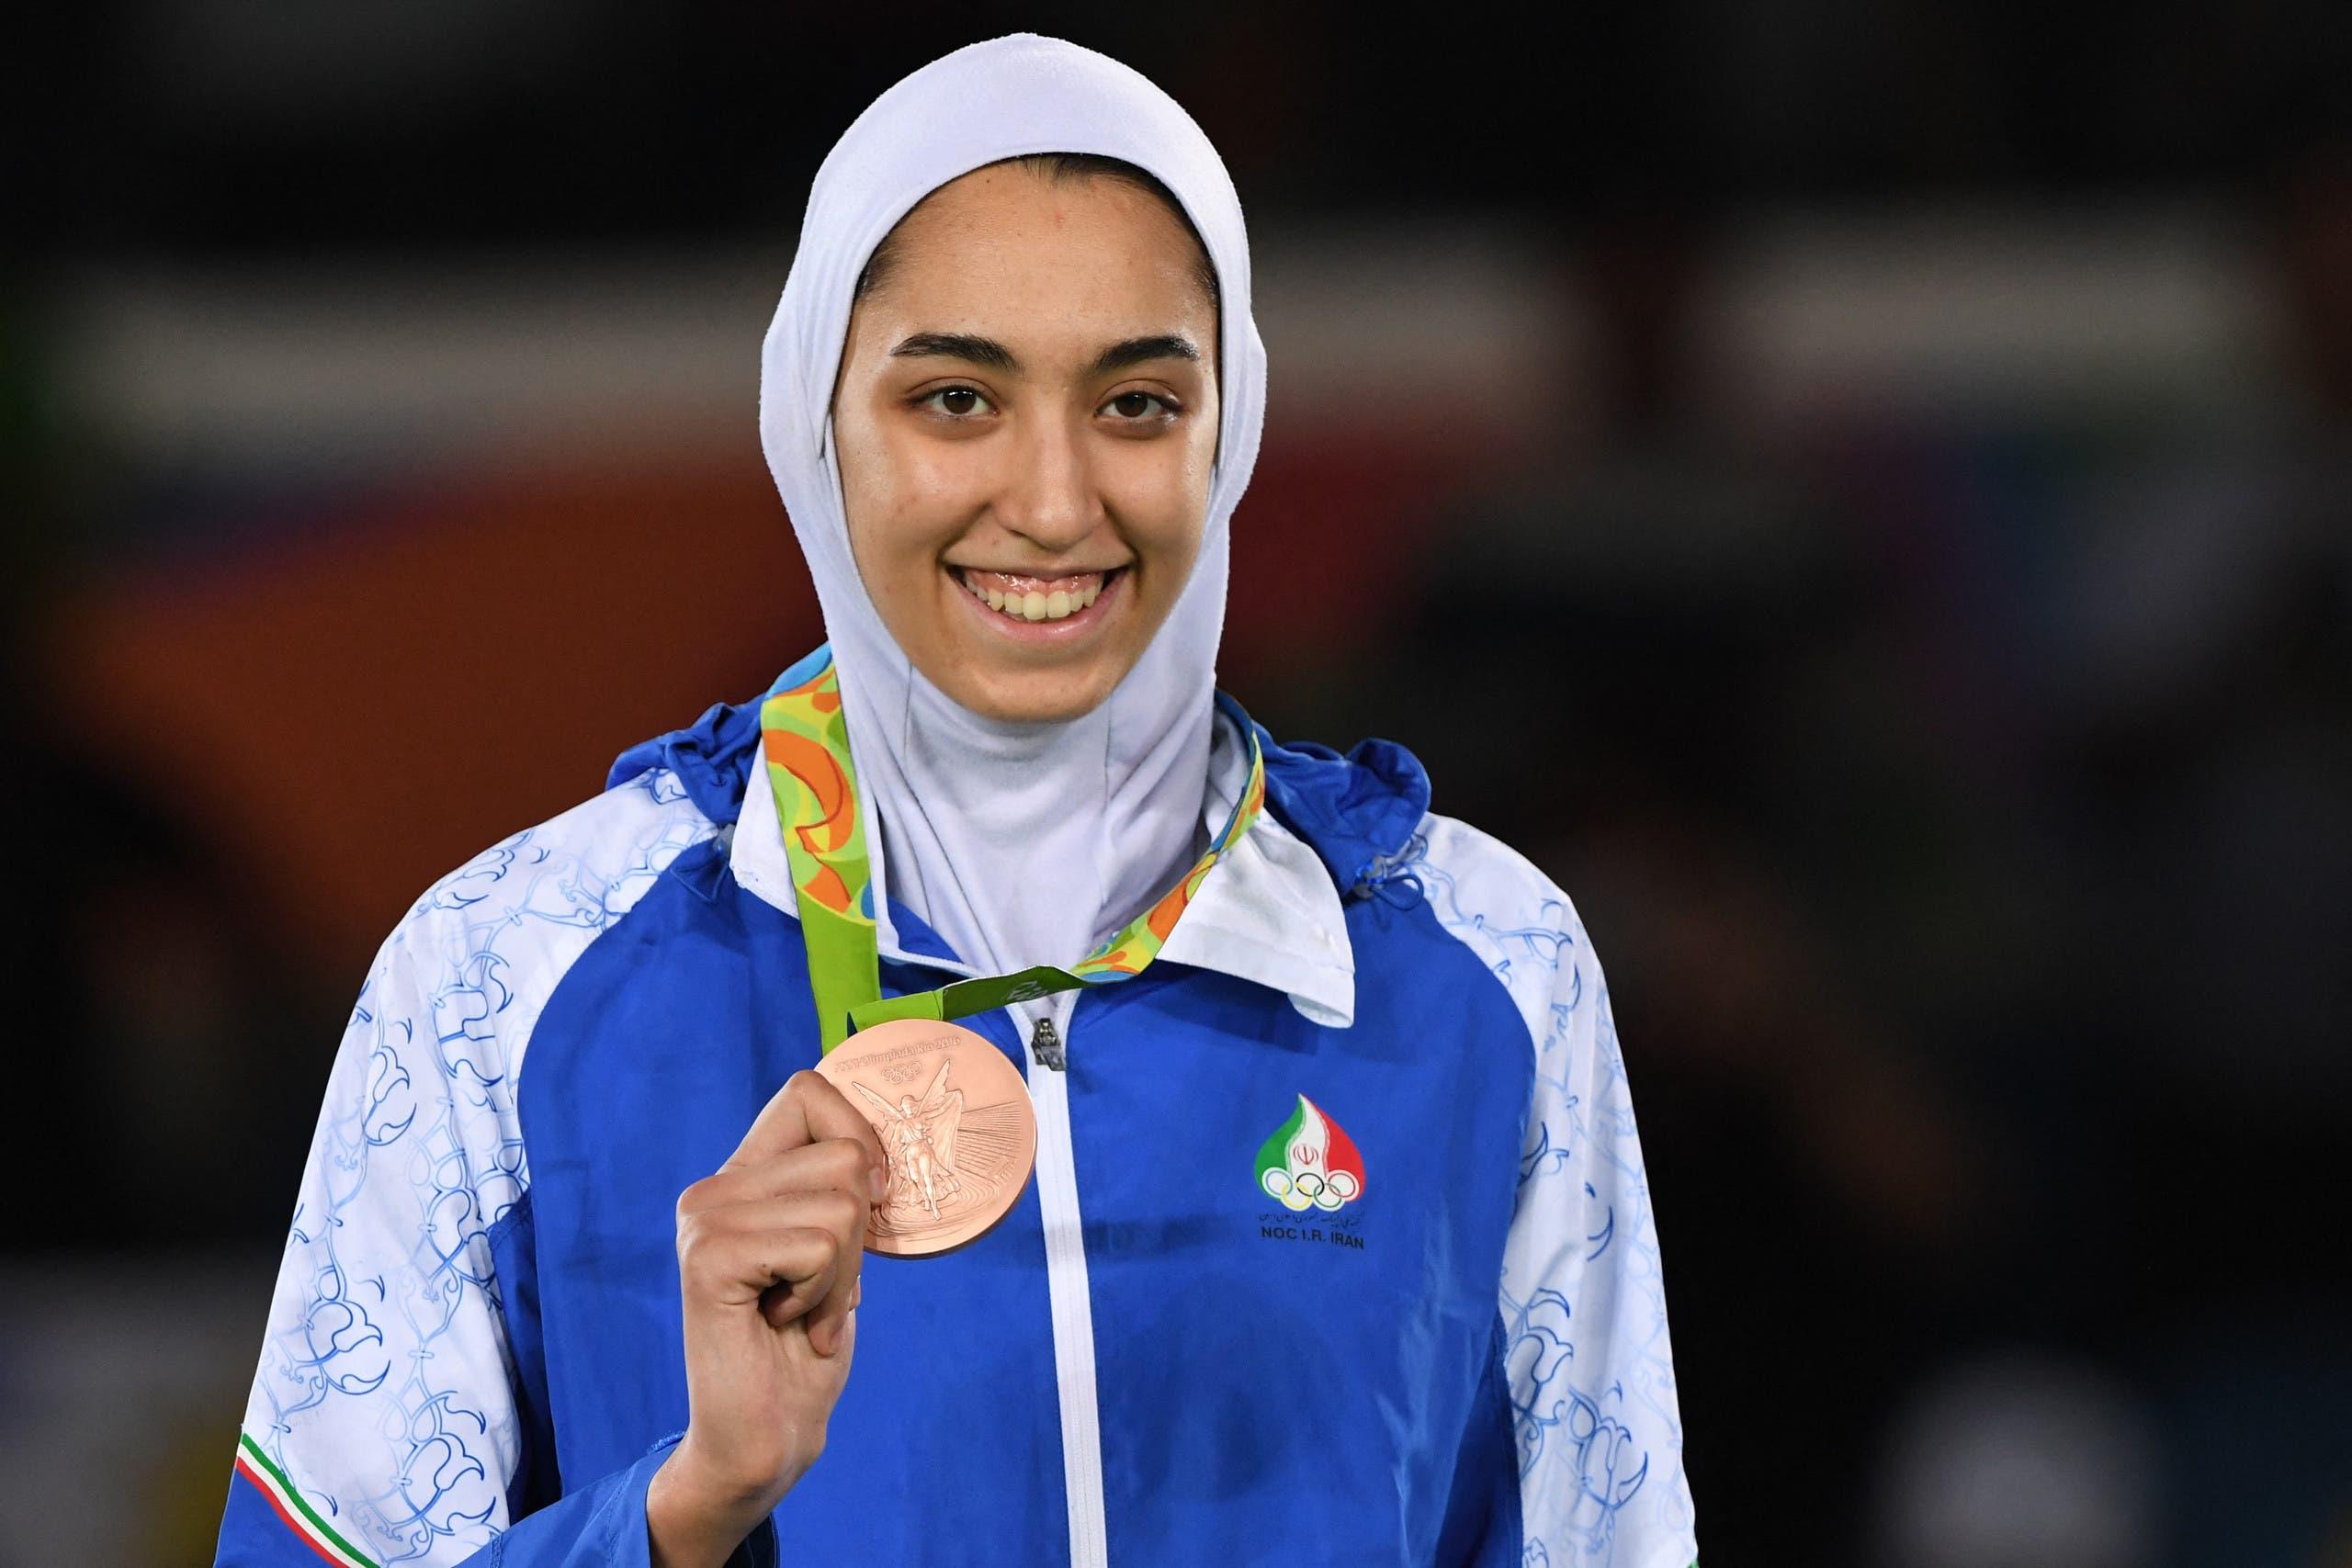 كيميا تفوز بالميدالية البرونزية في 2016